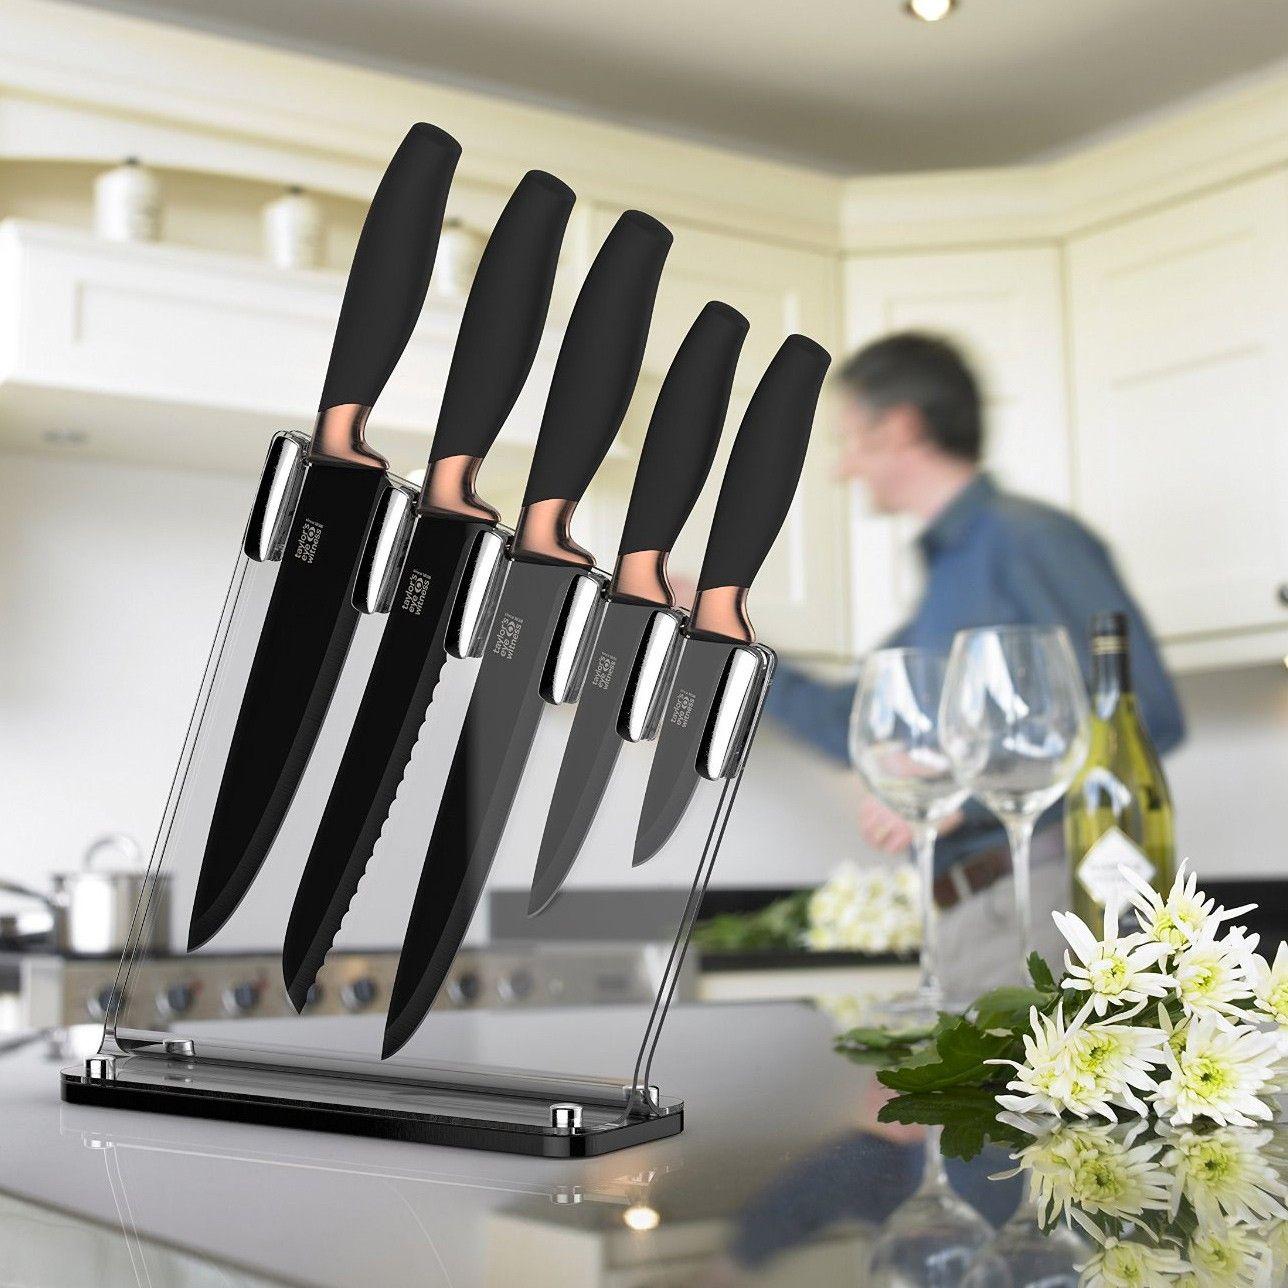 taylors eye witness brooklyn copper 5 piece knife block set